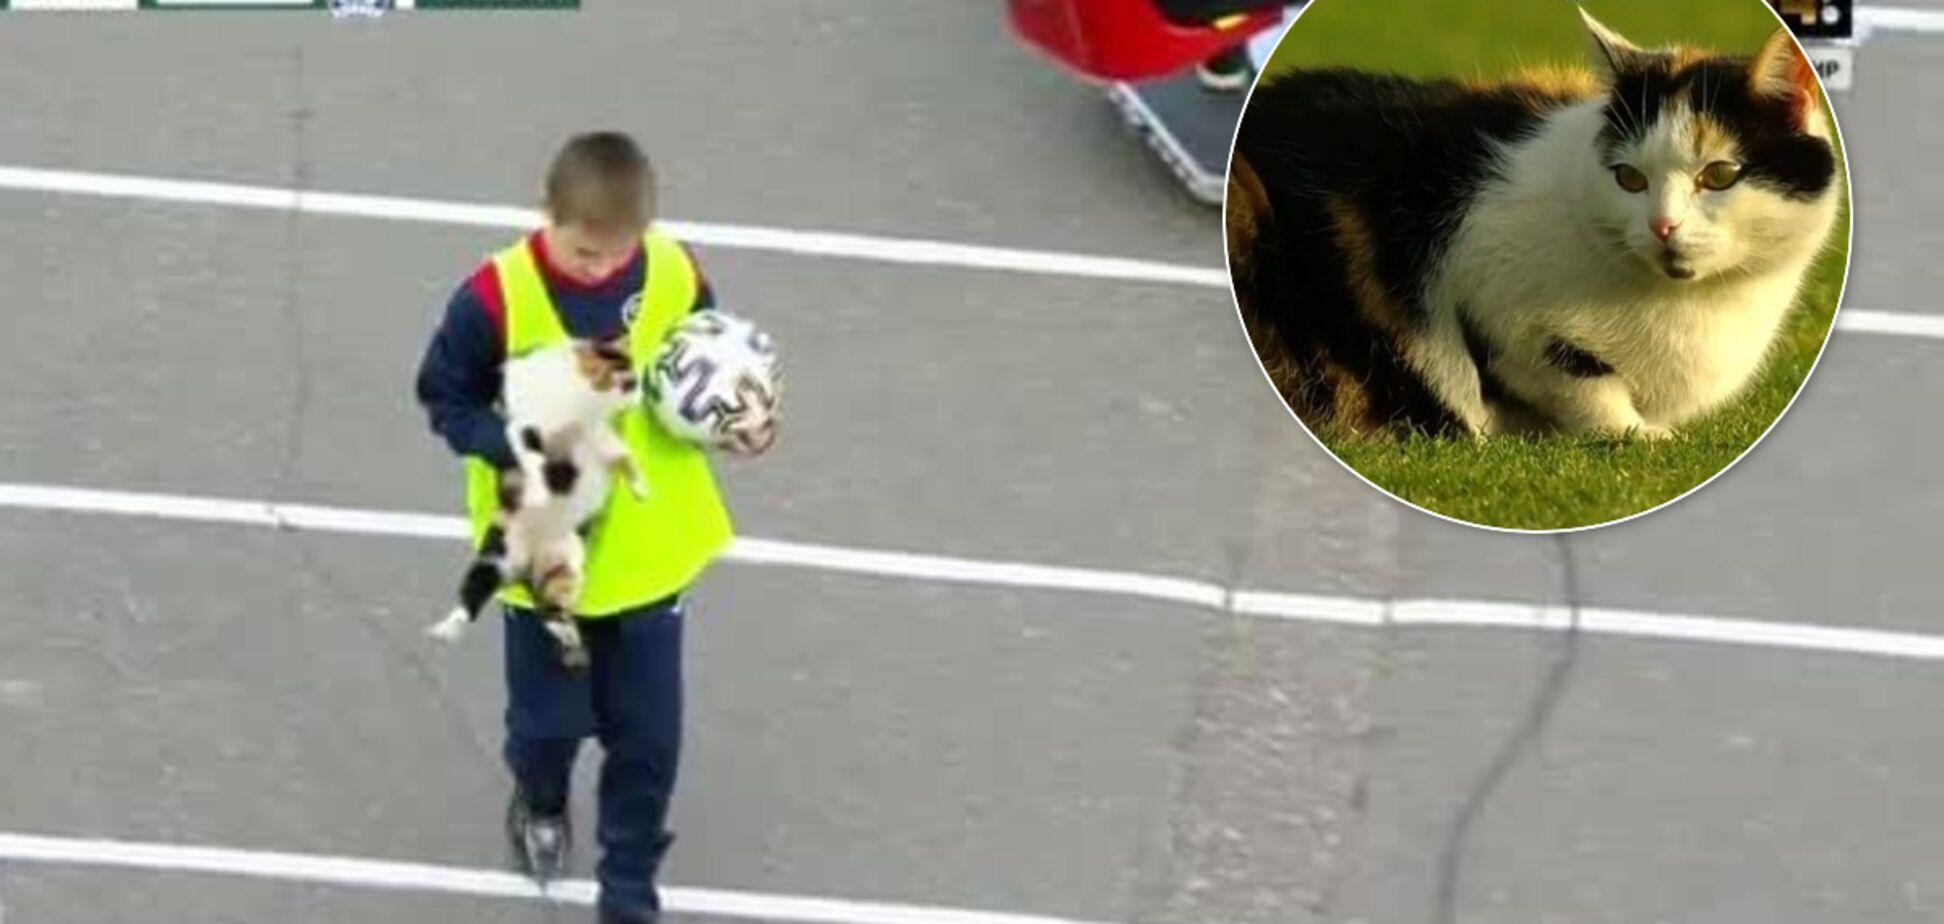 Товстий кіт спробував зірвати матч чемпіонату Білорусі з футболу